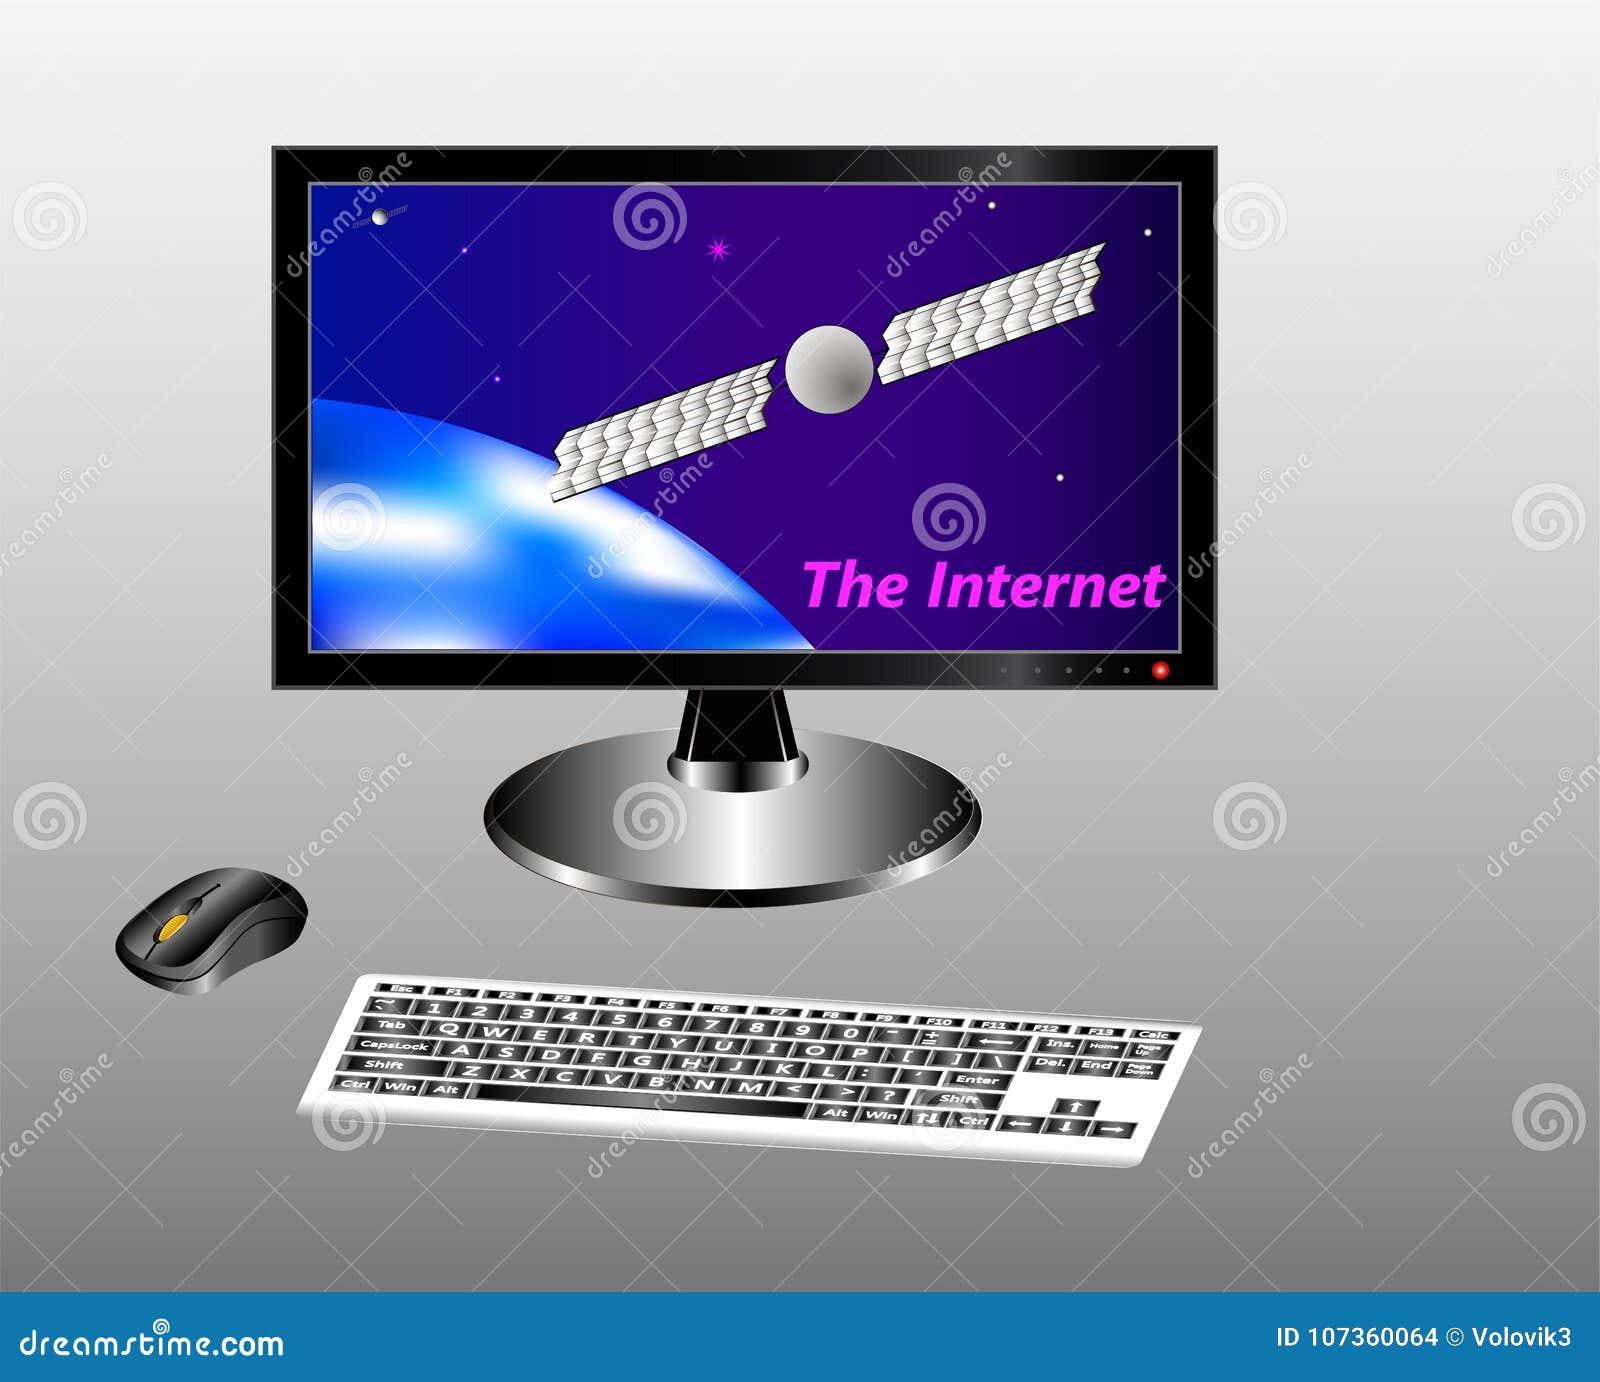 Clavier, souris et moniteur avec un ciel, une terre et un satellite de télécommunications étoilés